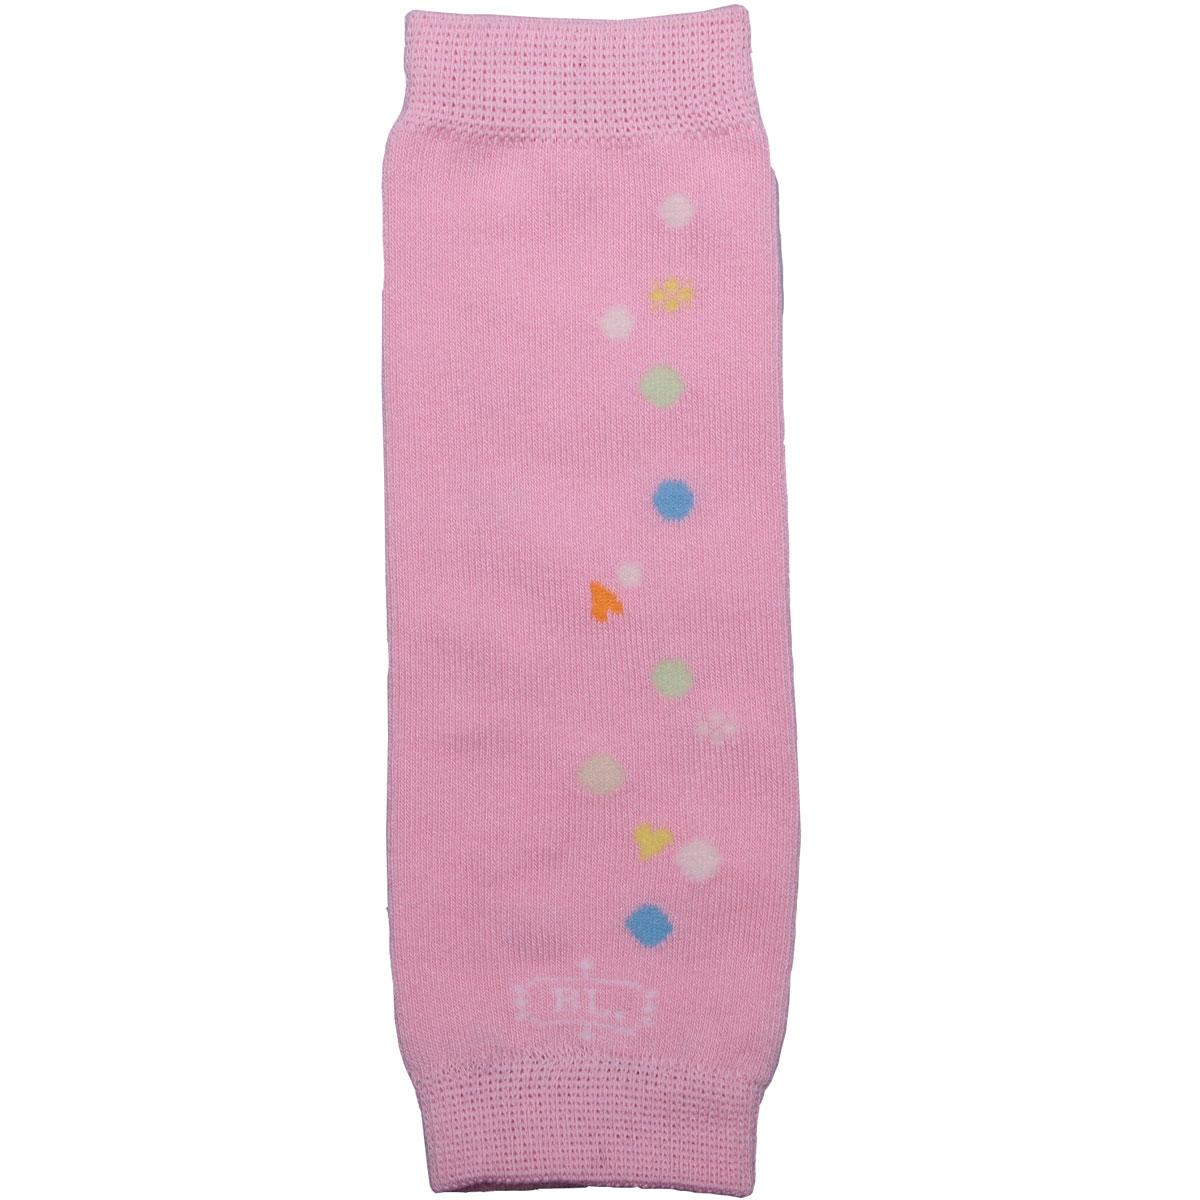 babylegs-newborn-sprinkled-pink.jpg